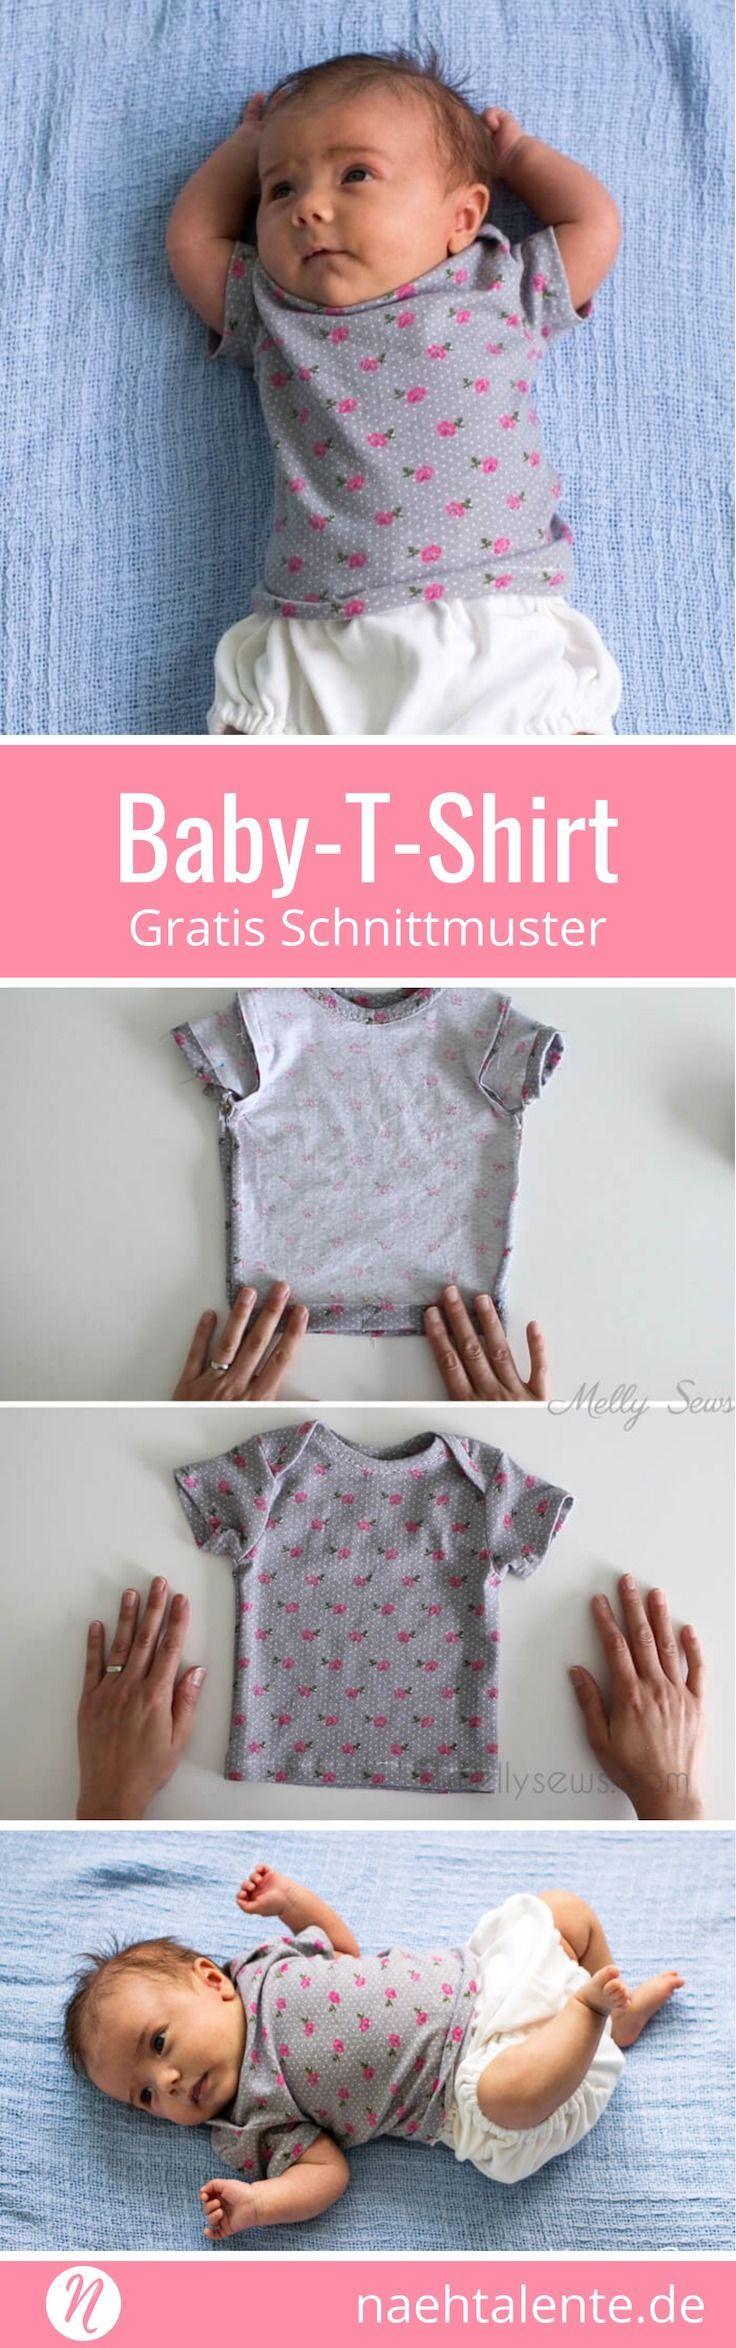 Freebook für ein Baby-T-Shirt. 0 - 3 Monate. Geeignet für leichte und mittelsc...